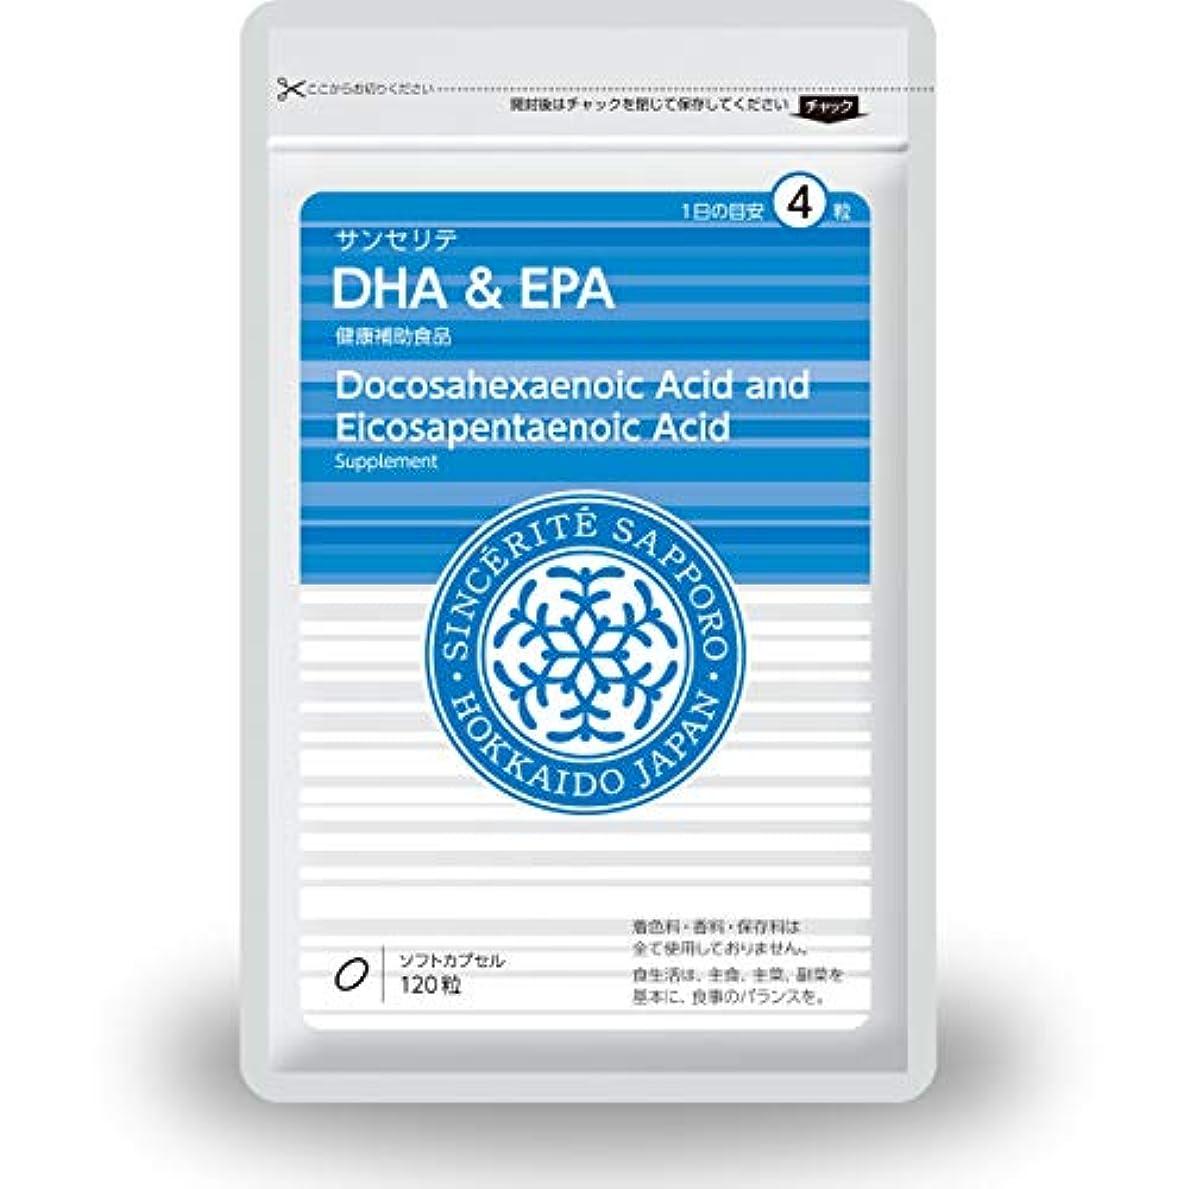 踊り子平和的登るDHA&EPA[送料無料][DHA]433mg配合[国内製造]しっかり30日分